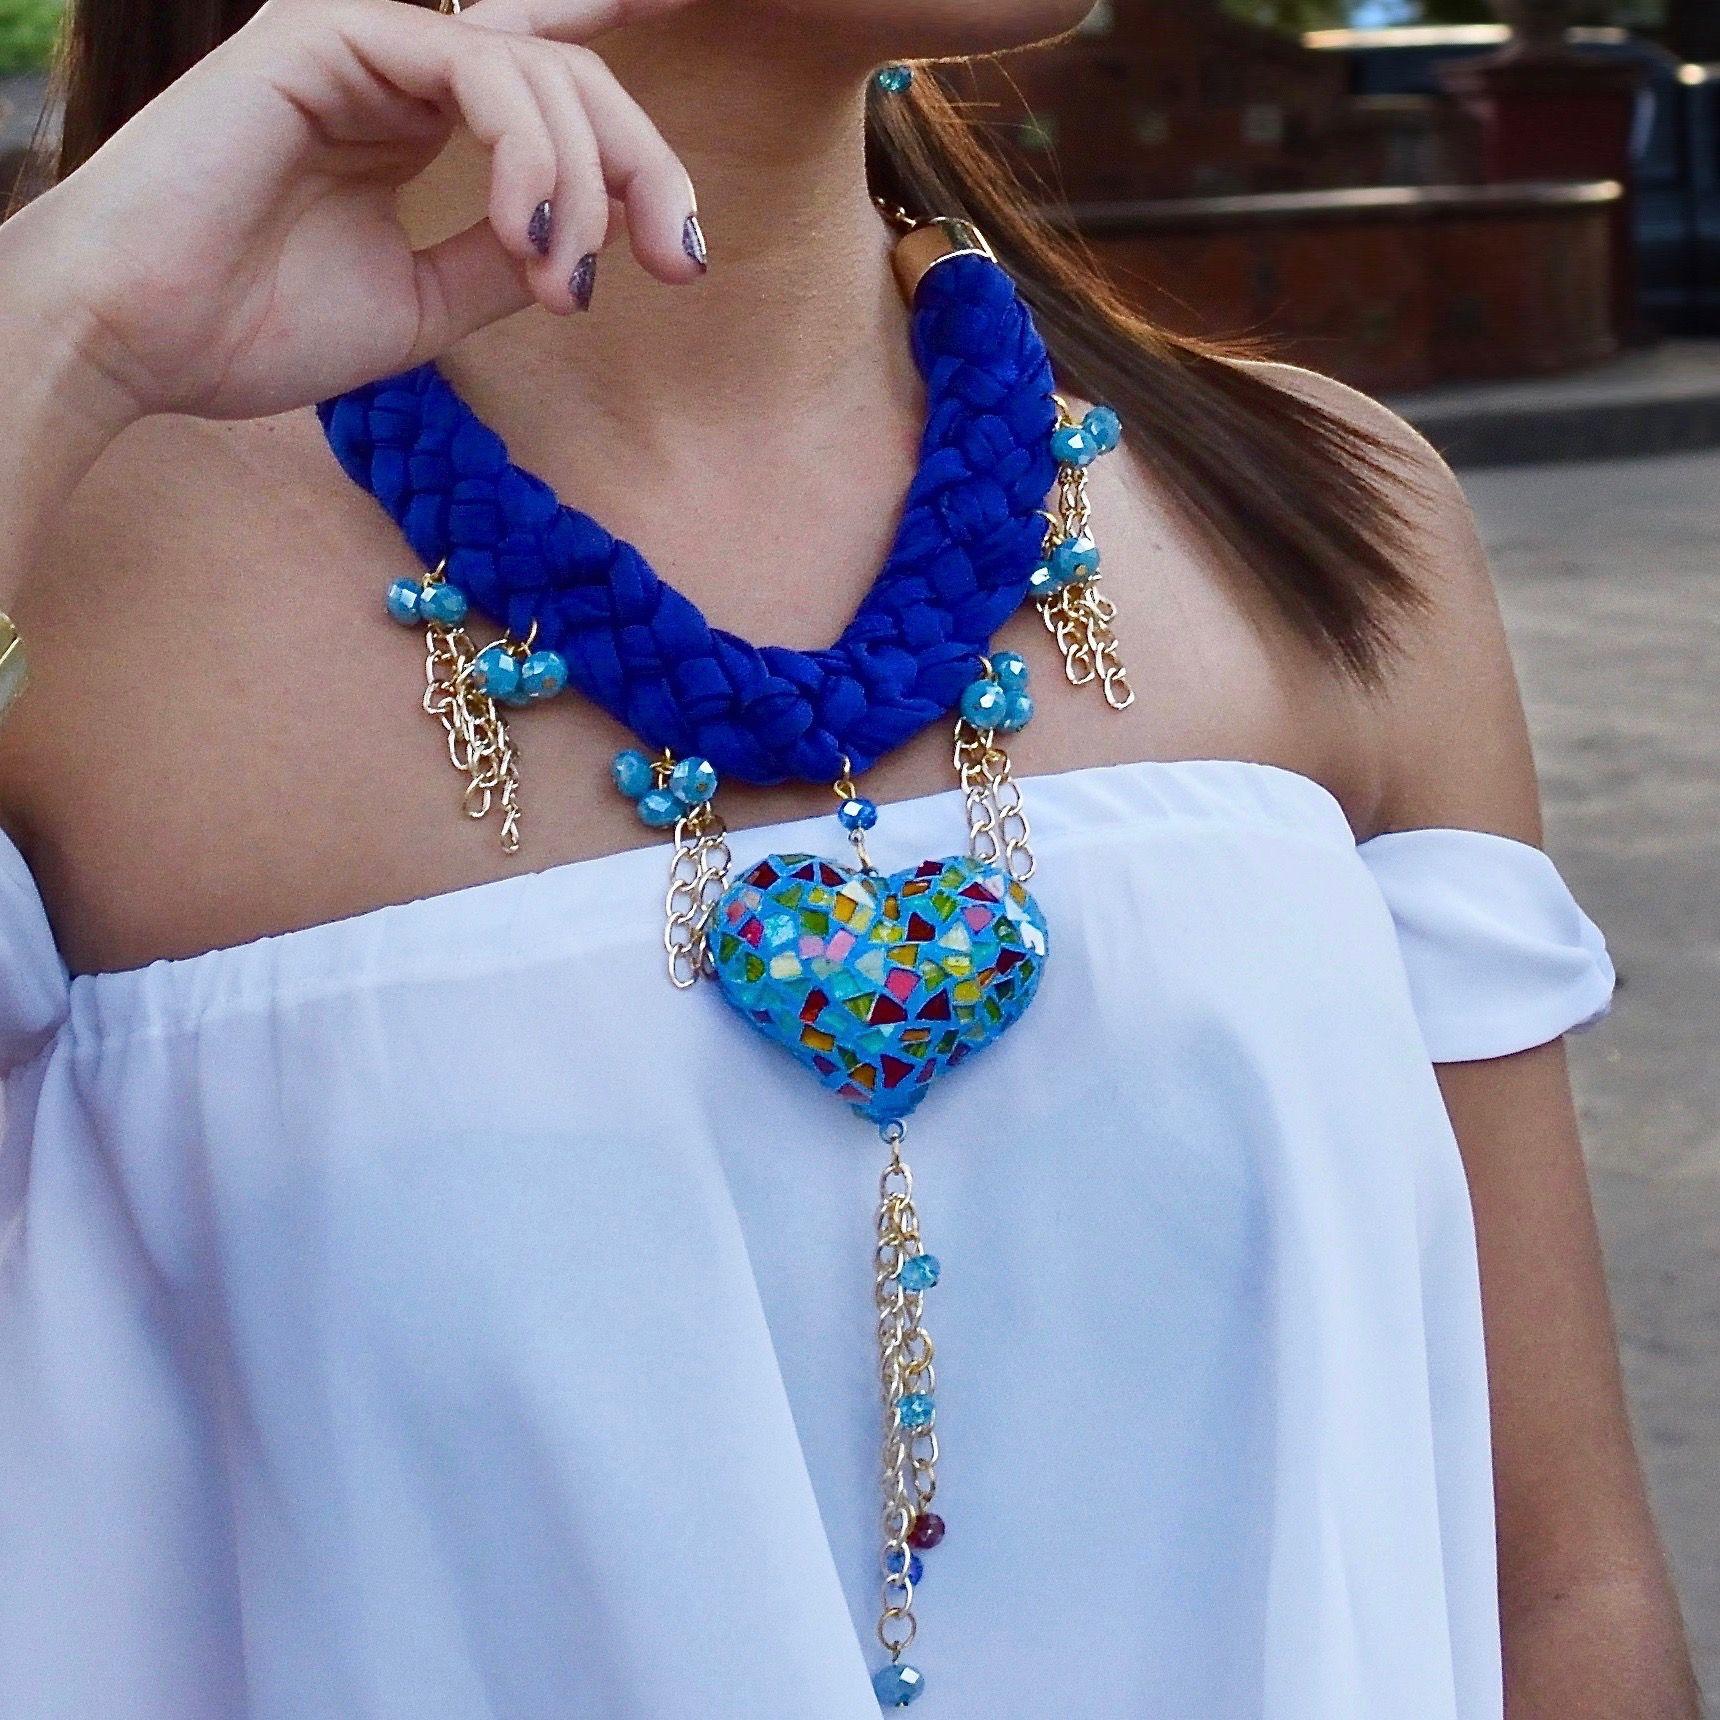 7fe4d42f1bb5 Bonito collar artesanal azul con vitral de colores en forma de corazon. Es  totalmente hecho